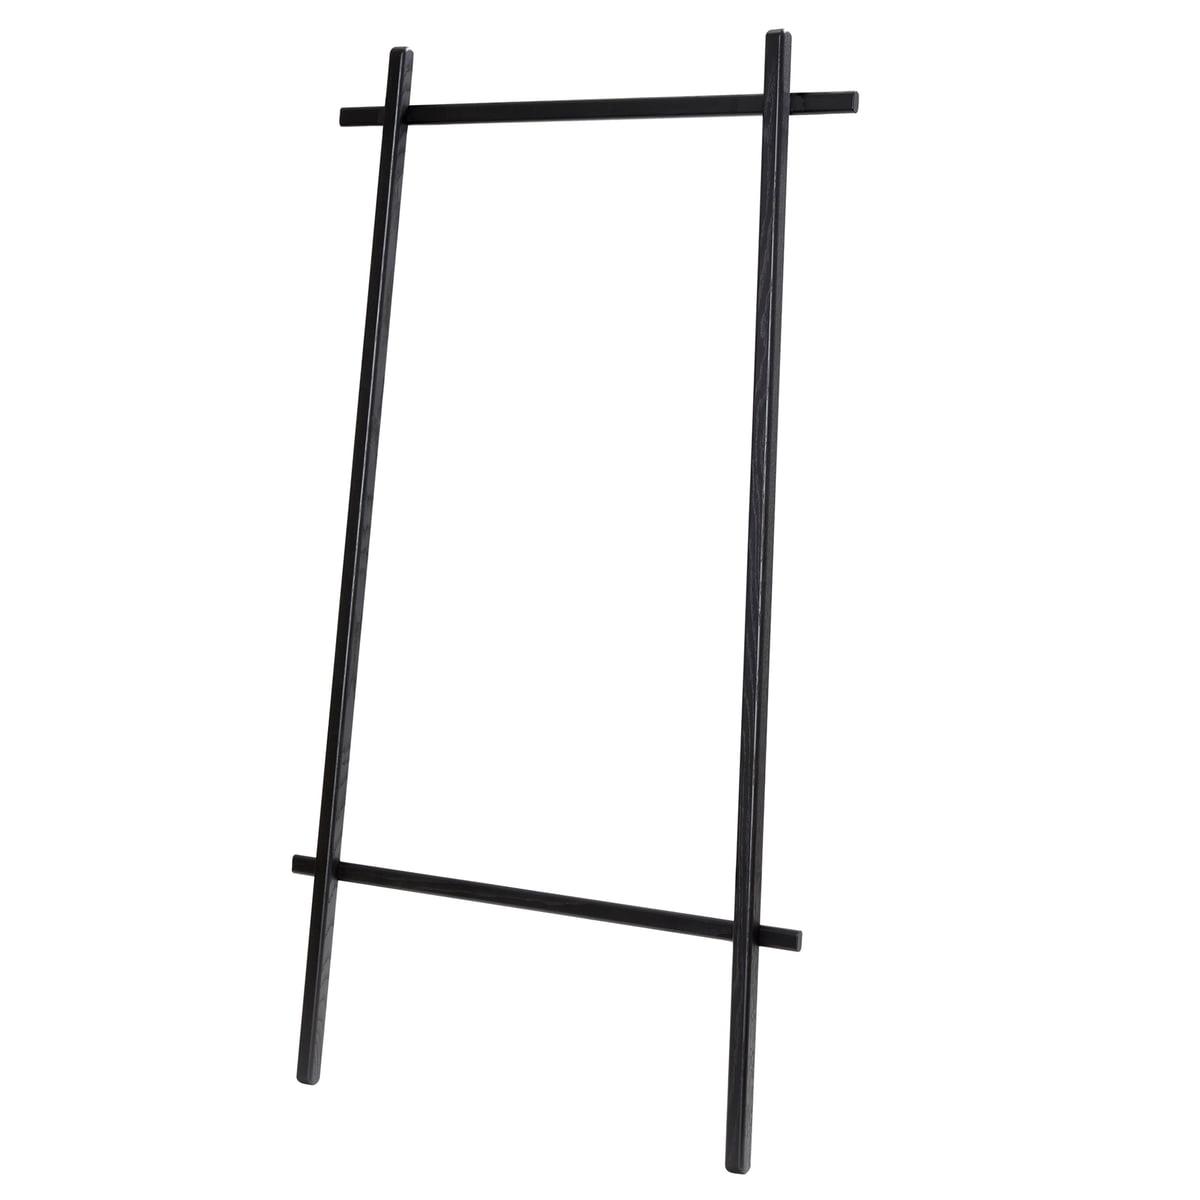 Andersen Furniture - Kleiderständer, schwarz | Flur & Diele > Garderoben > Garderobenständer | Schwarz | Andersen Furniture